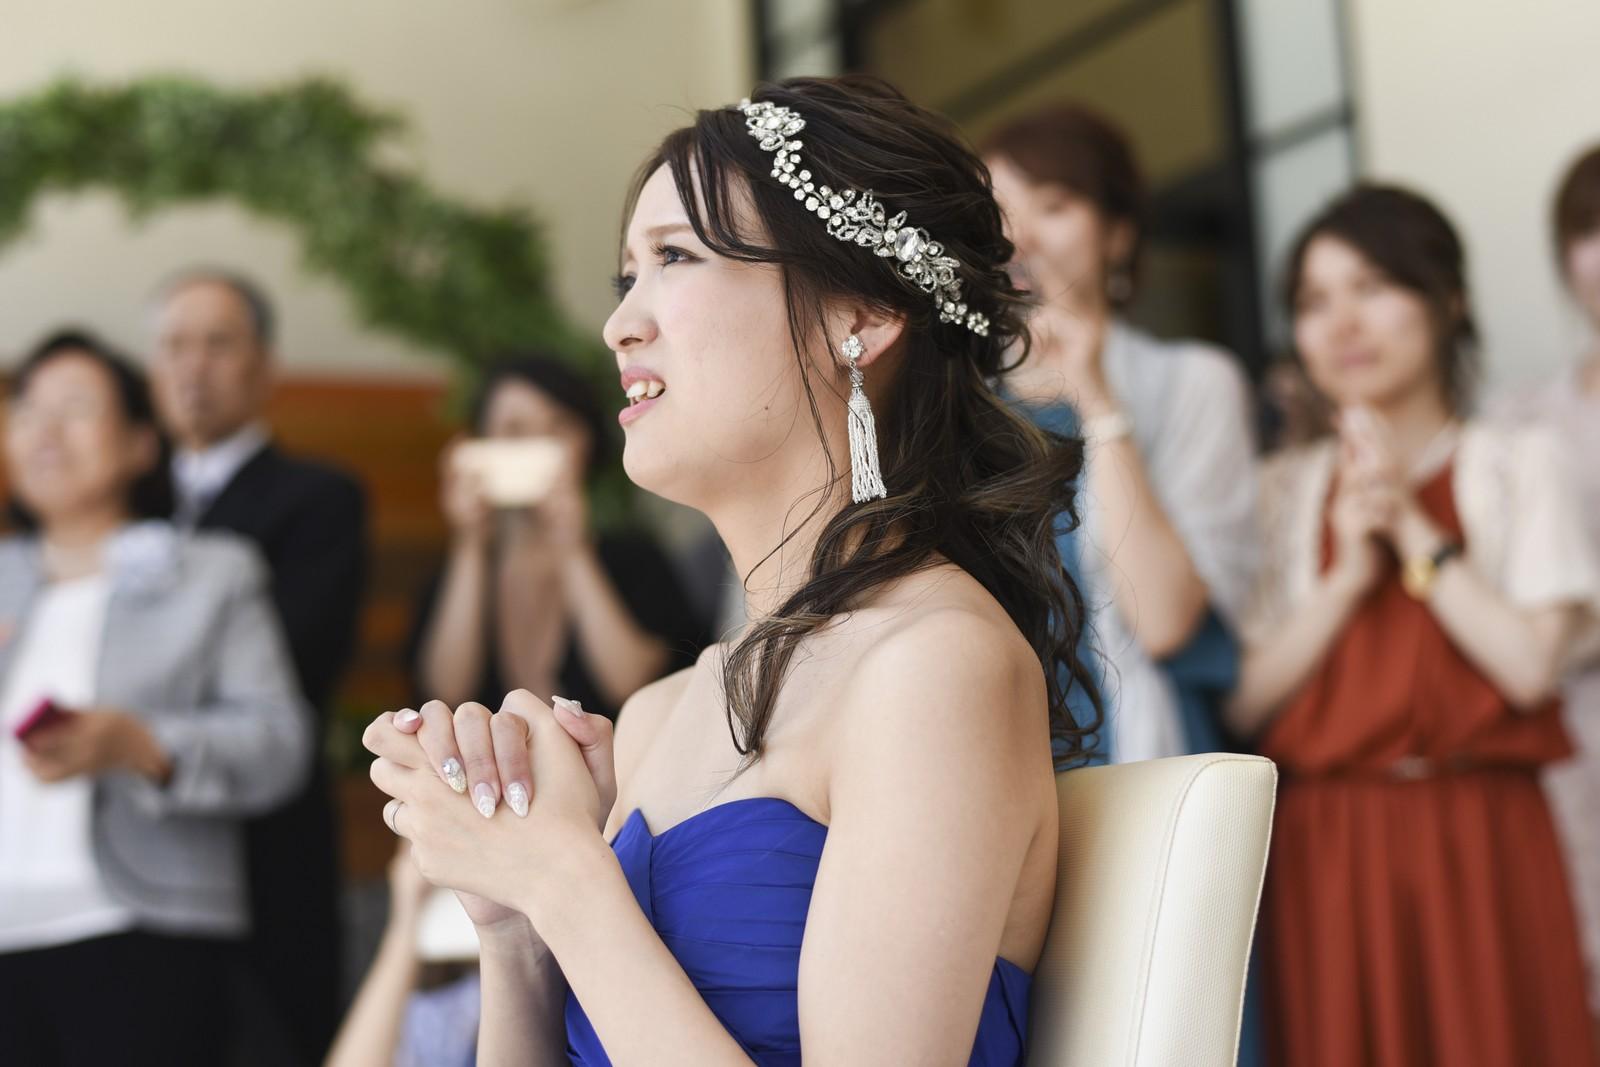 香川県の結婚式場アイスタイルで新郎からのサプライズに感動する新婦